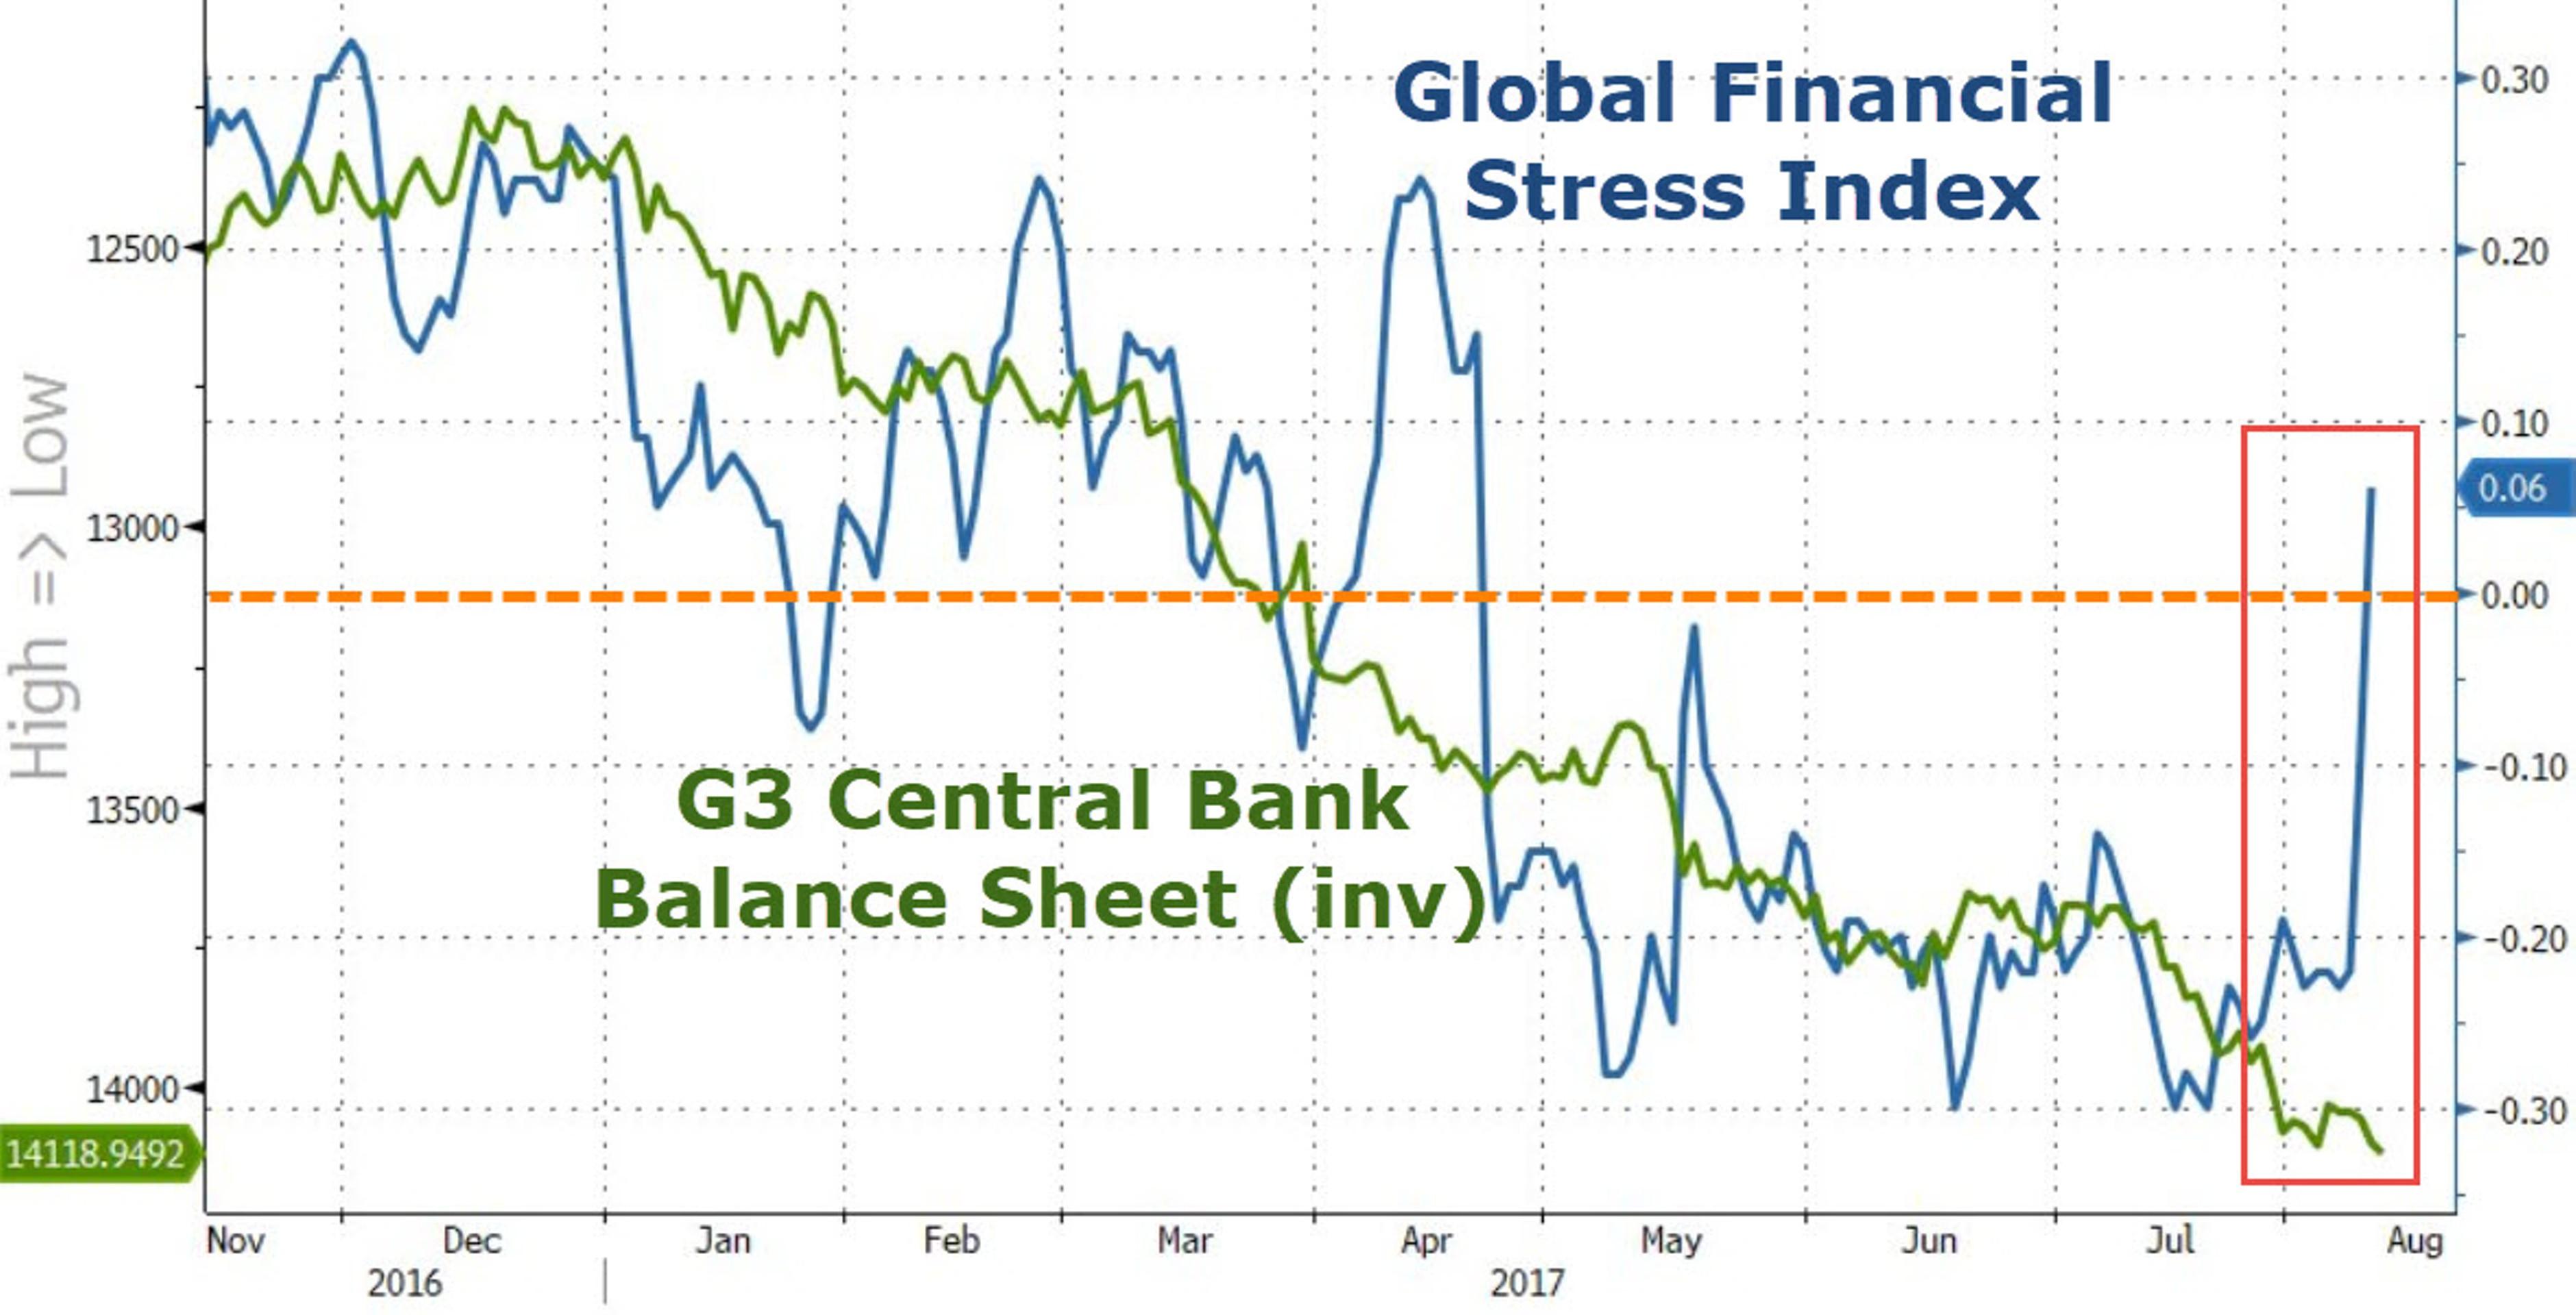 Мировые рынки испытали сильнейший с 2011 года стресс